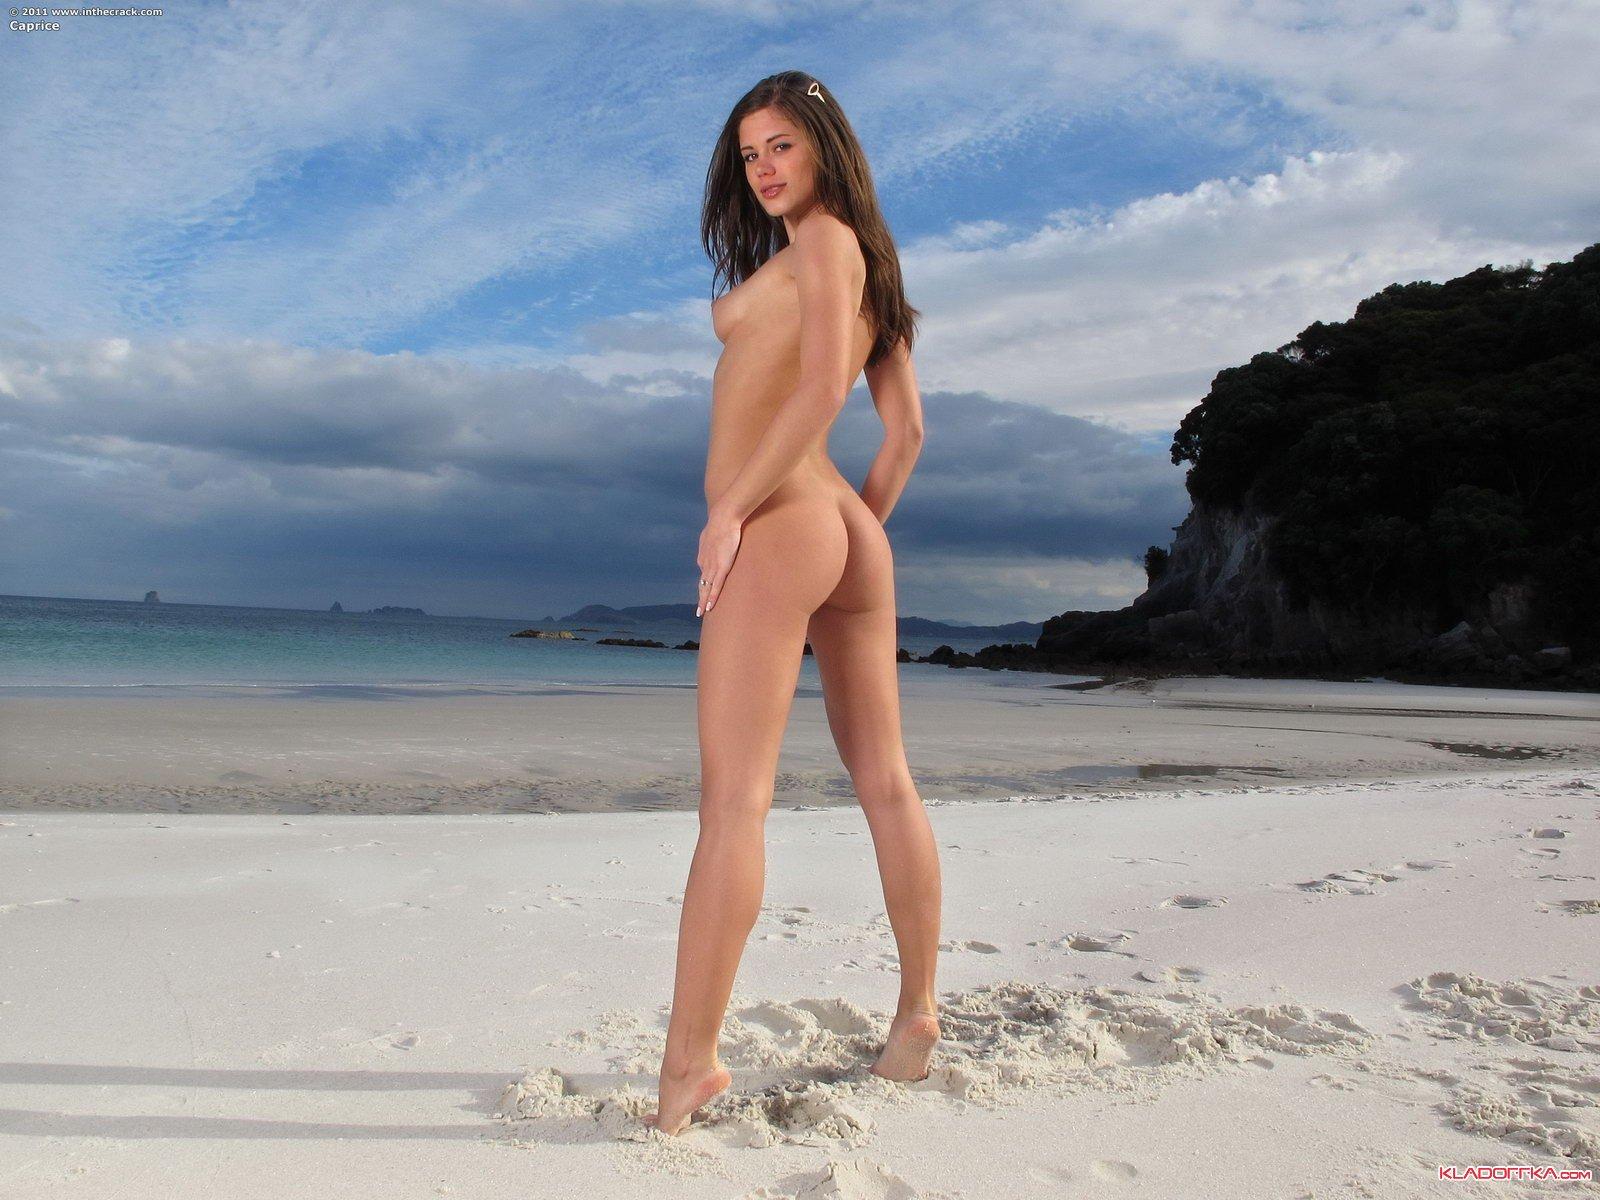 Секс нудистов на пляже, нудисты занимаются сексом.